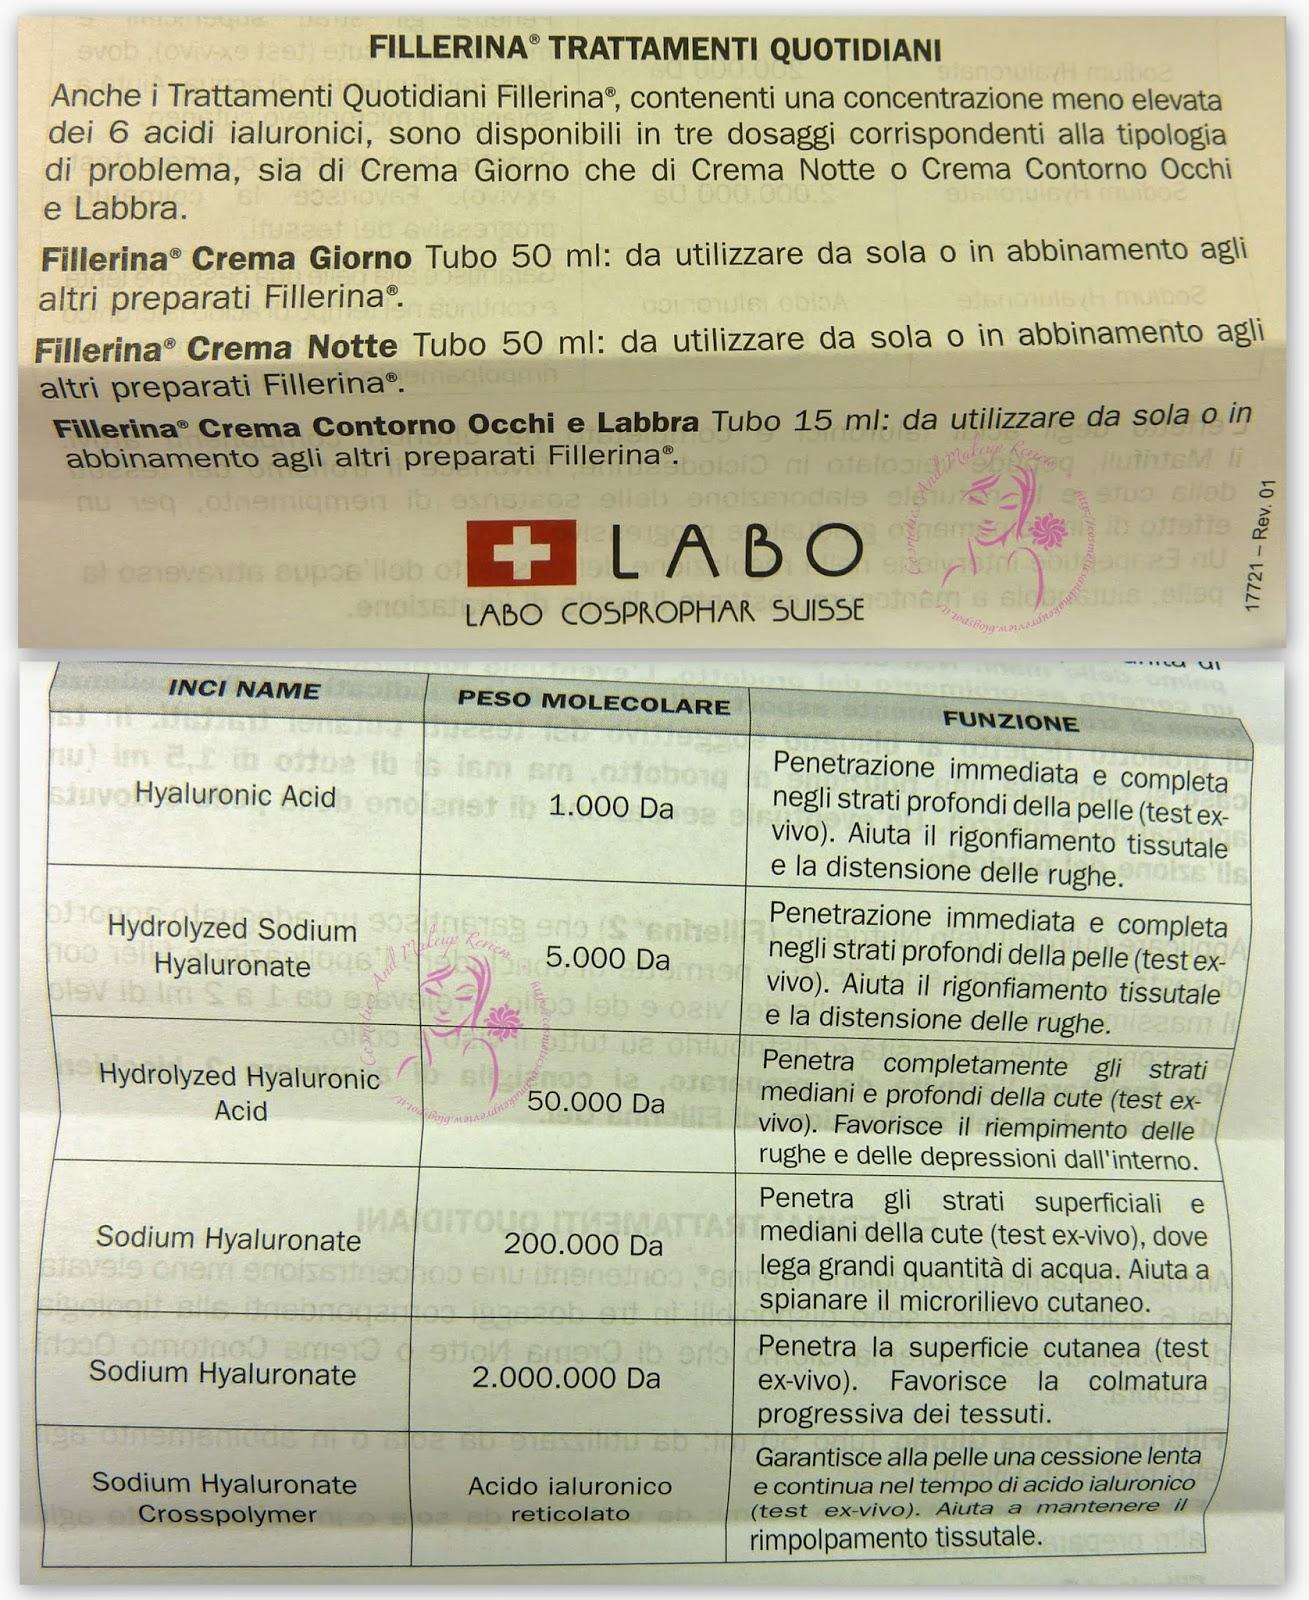 LABO - Fillerina Viso - Crema Notte - Grado 2 - foglietto illustrativo